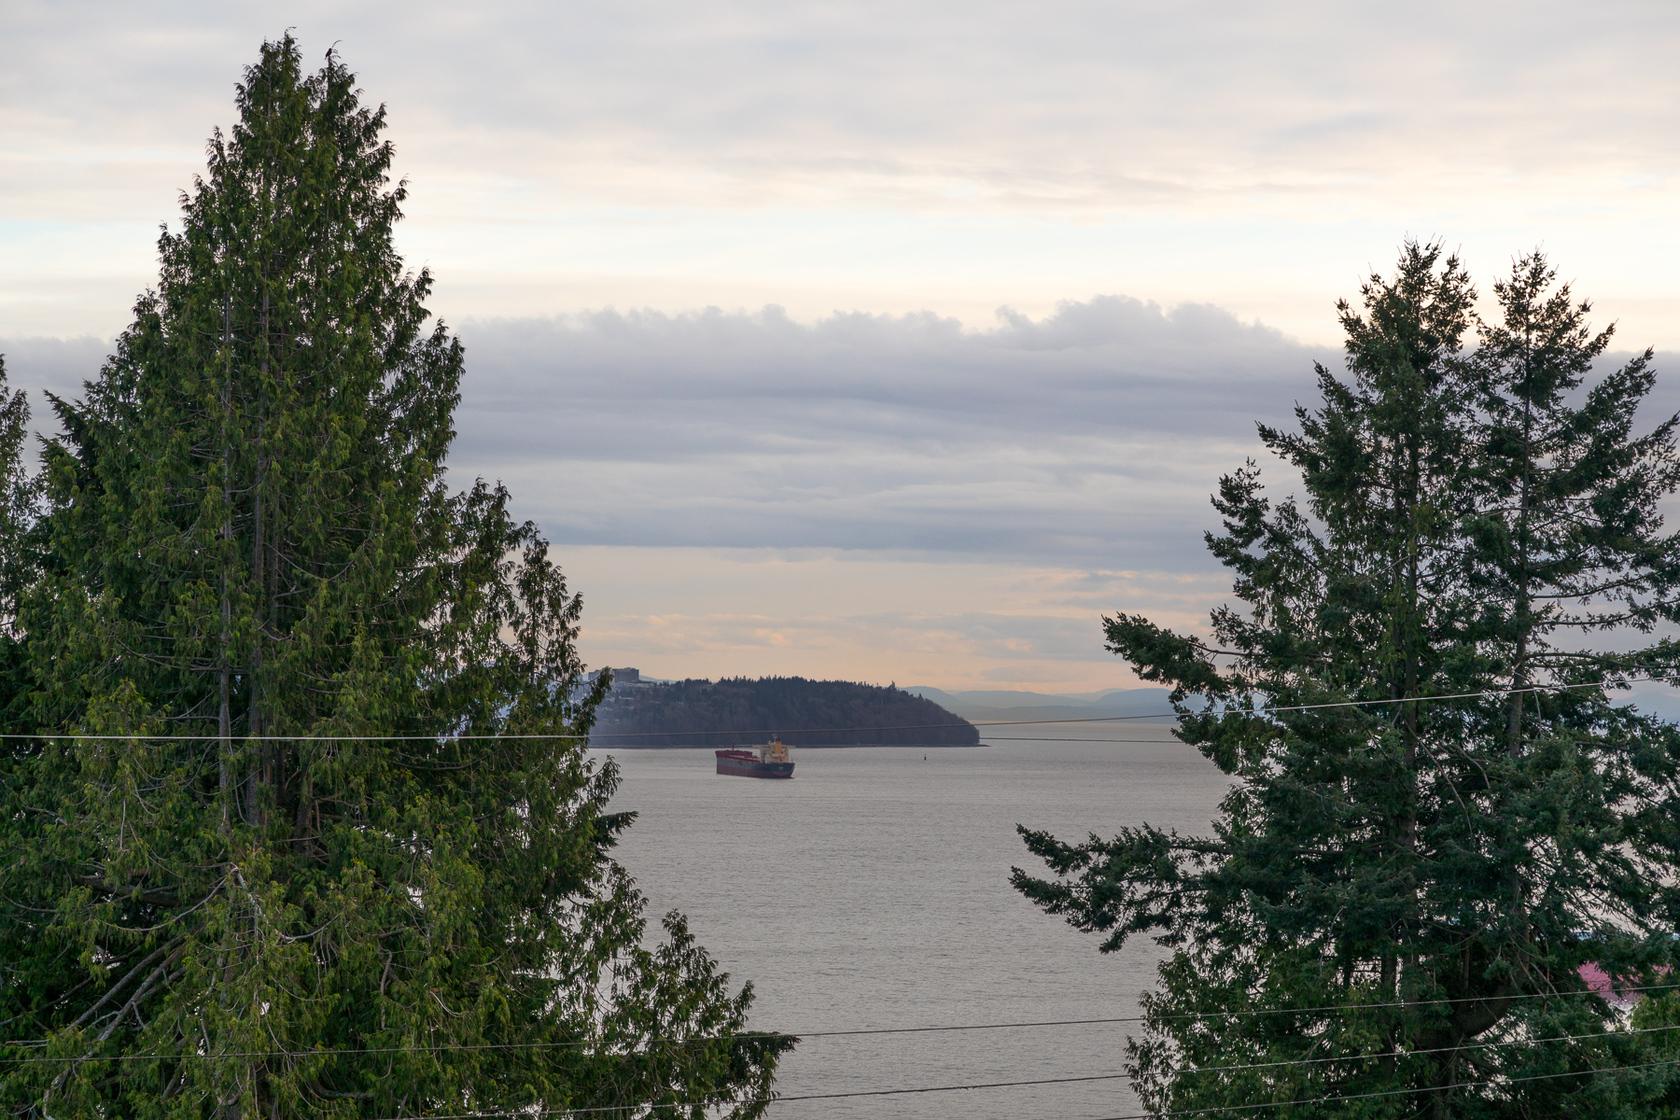 34f79887-ae7b-4960-bf8b-608bdf51f69d at 3330 Road Craigend, Westmount WV, West Vancouver